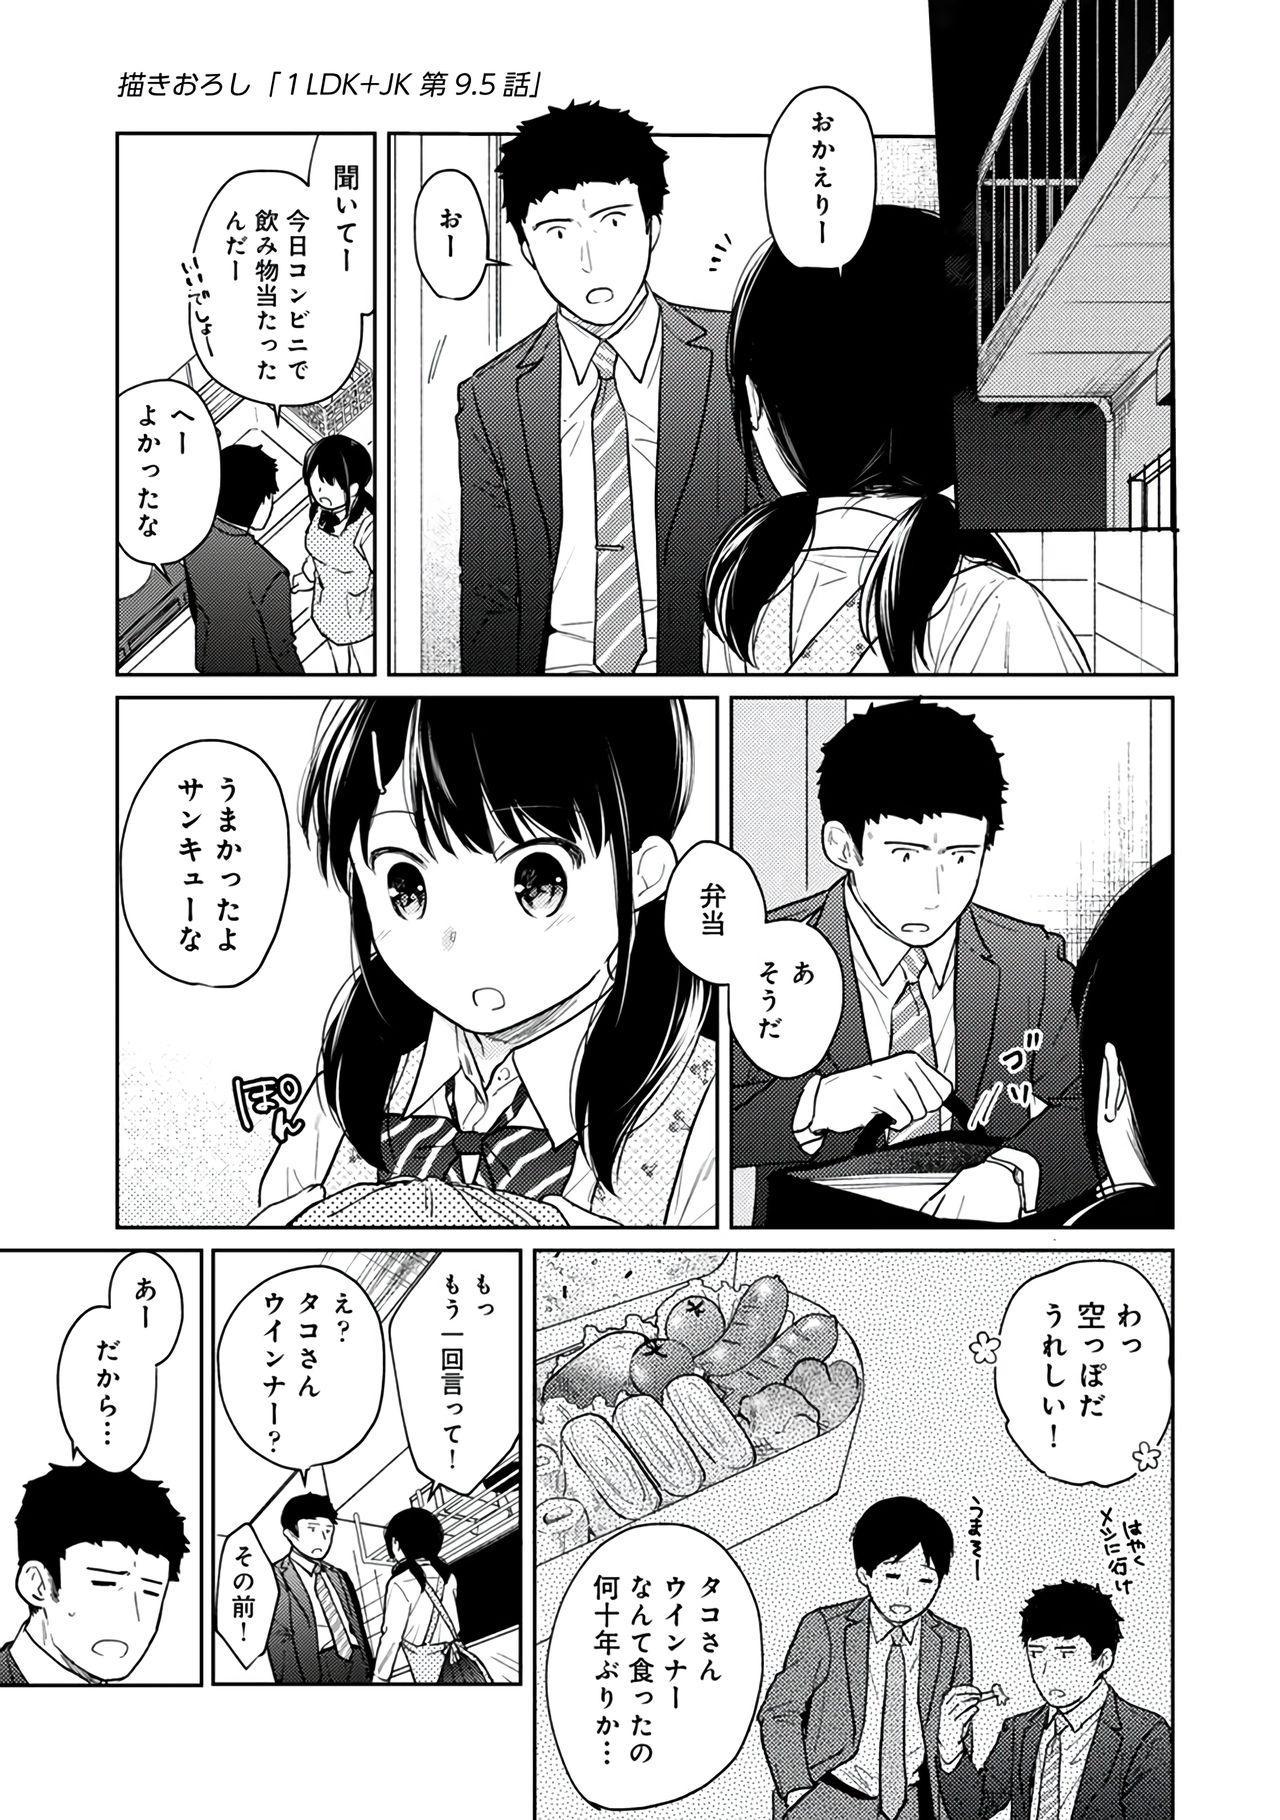 1LDK+JK Ikinari Doukyo? Micchaku!? Hatsu Ecchi!!? Vol.2 56